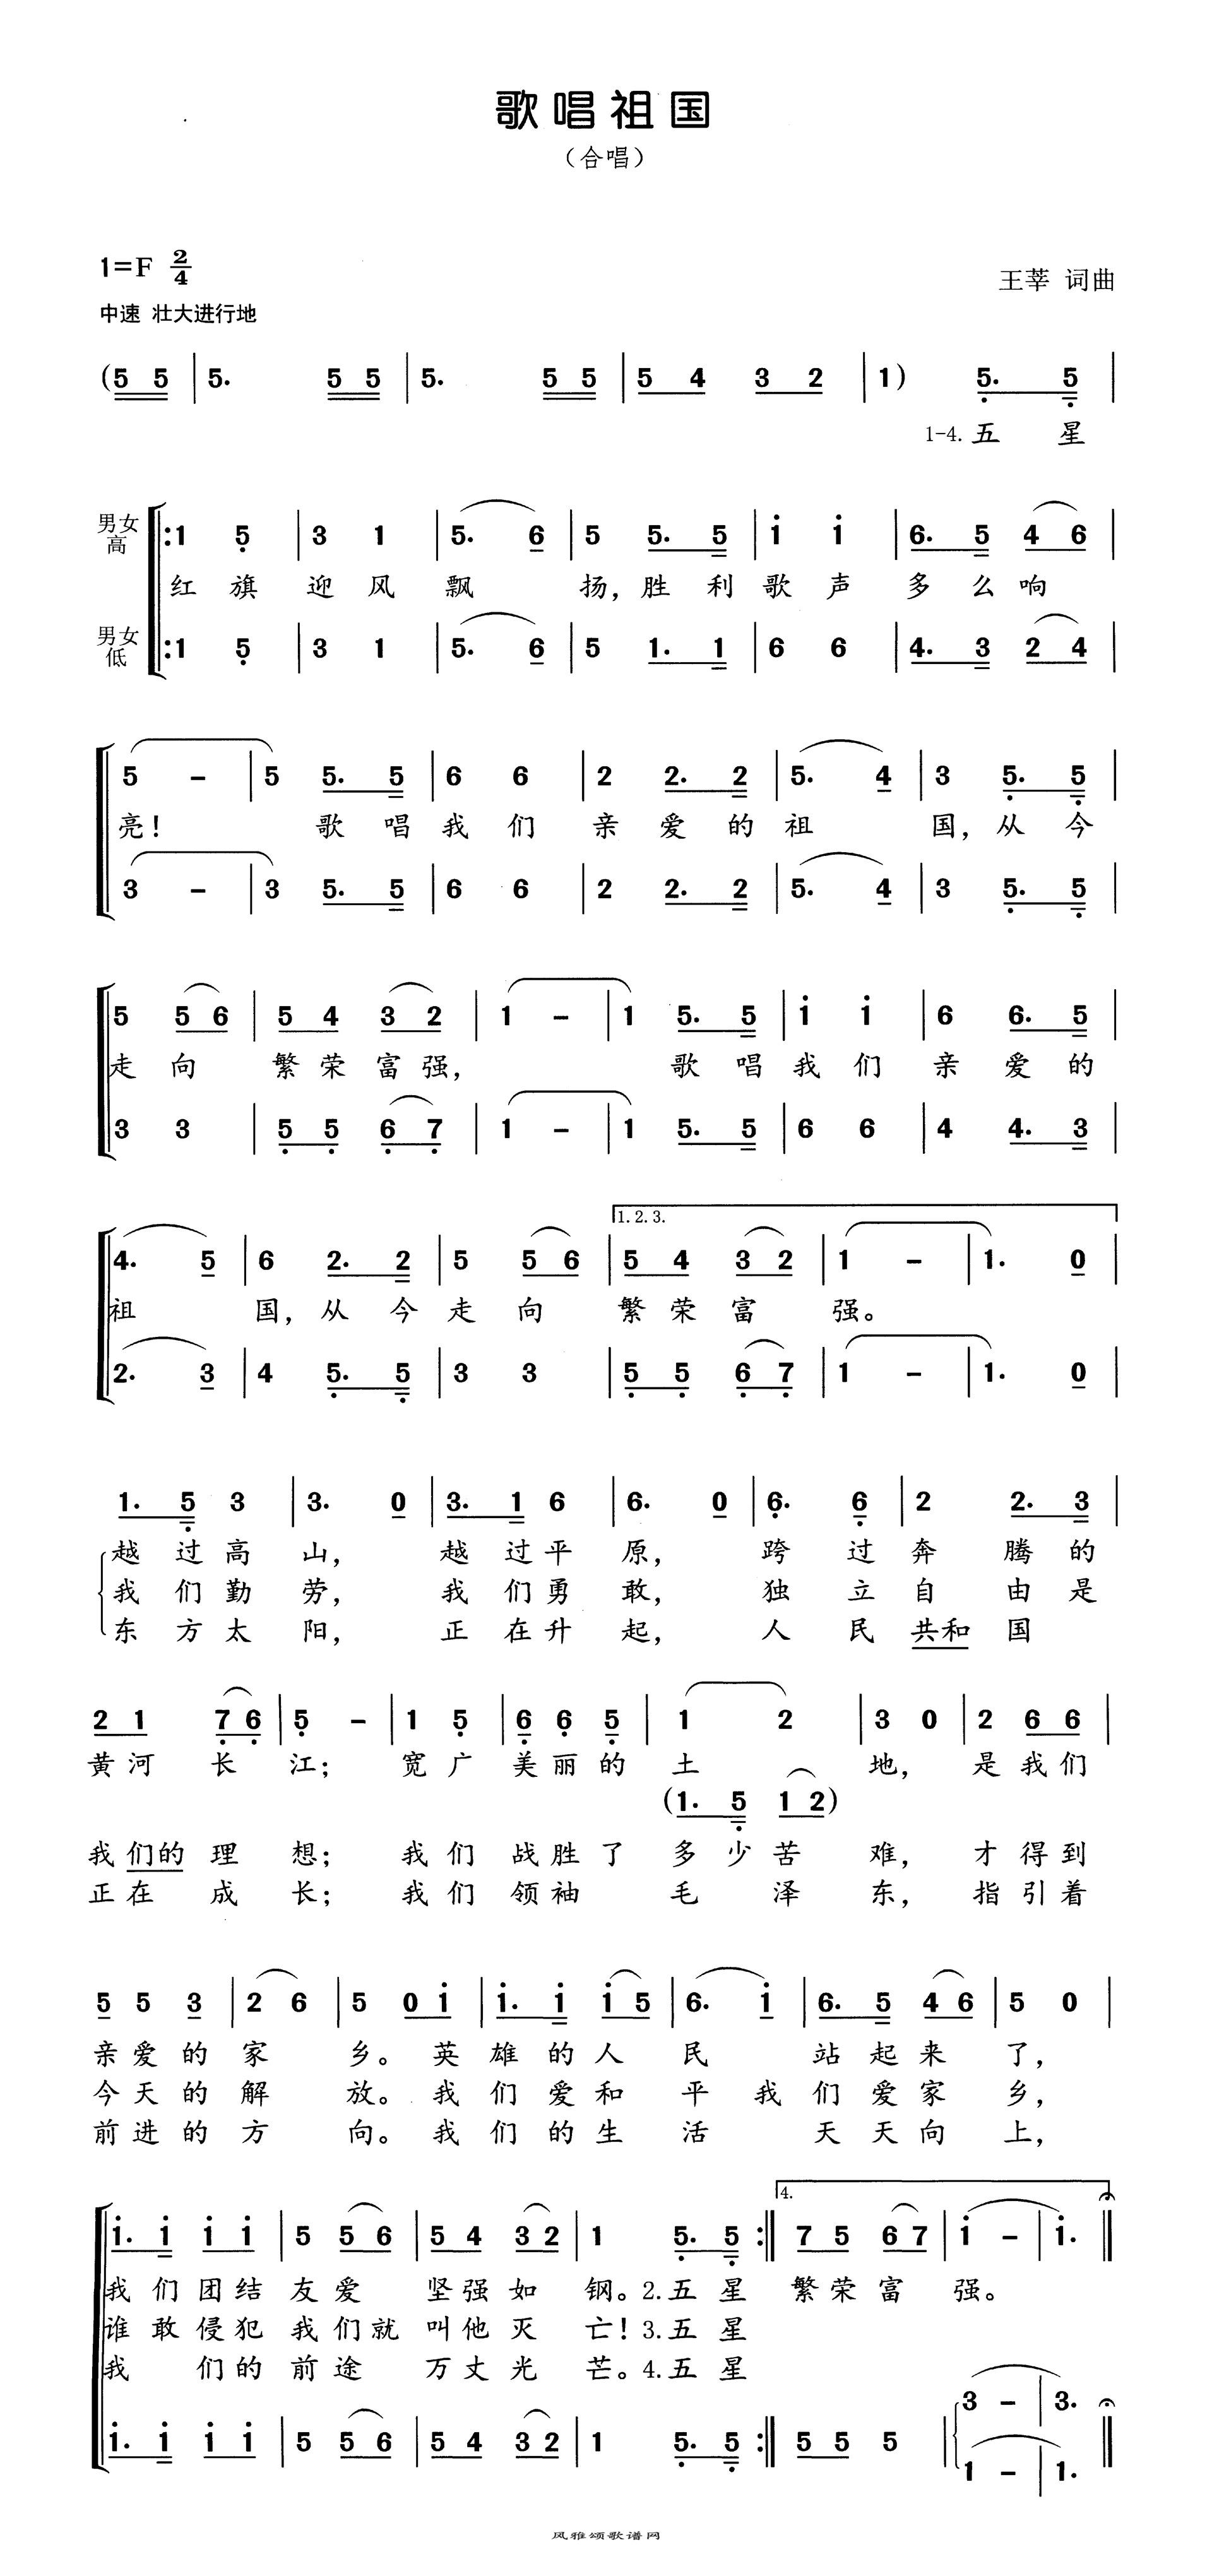 歌唱祖国高清打印歌谱简谱